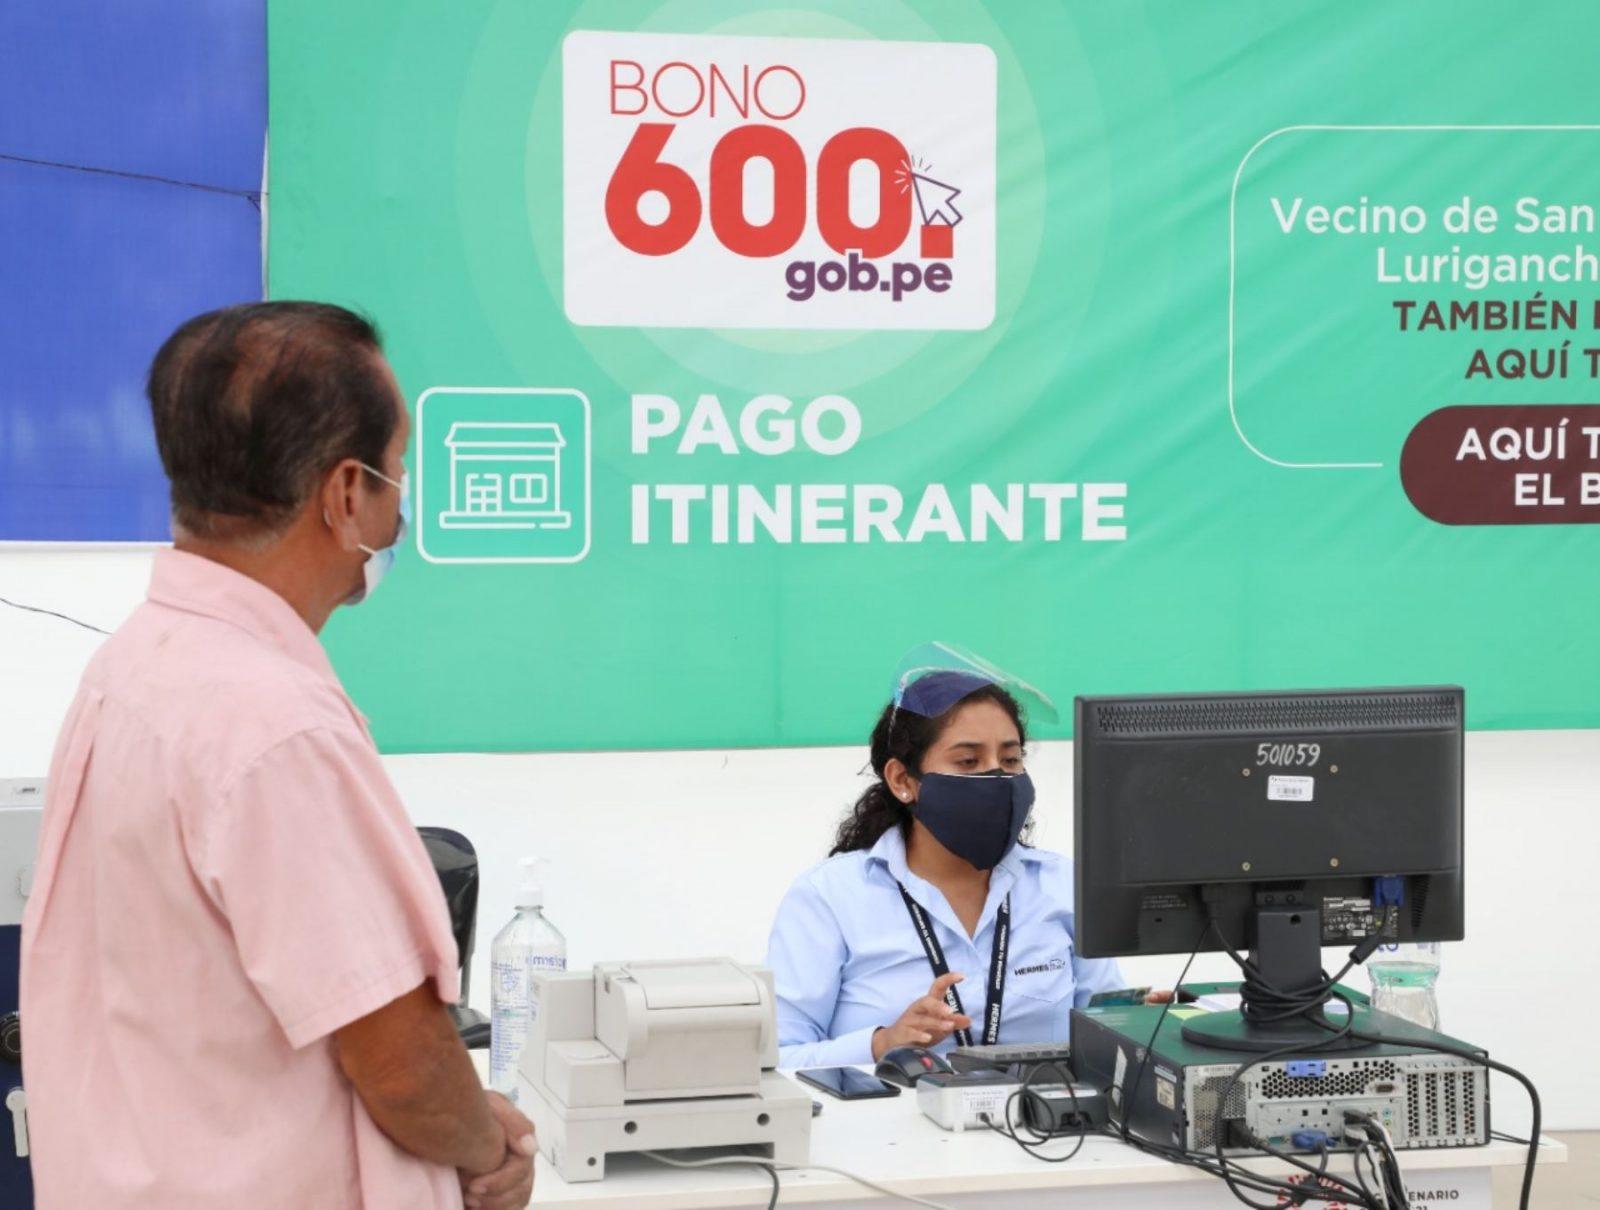 Bono 600: subsidio solo se podrá cobrar hasta el 30 de septiembre